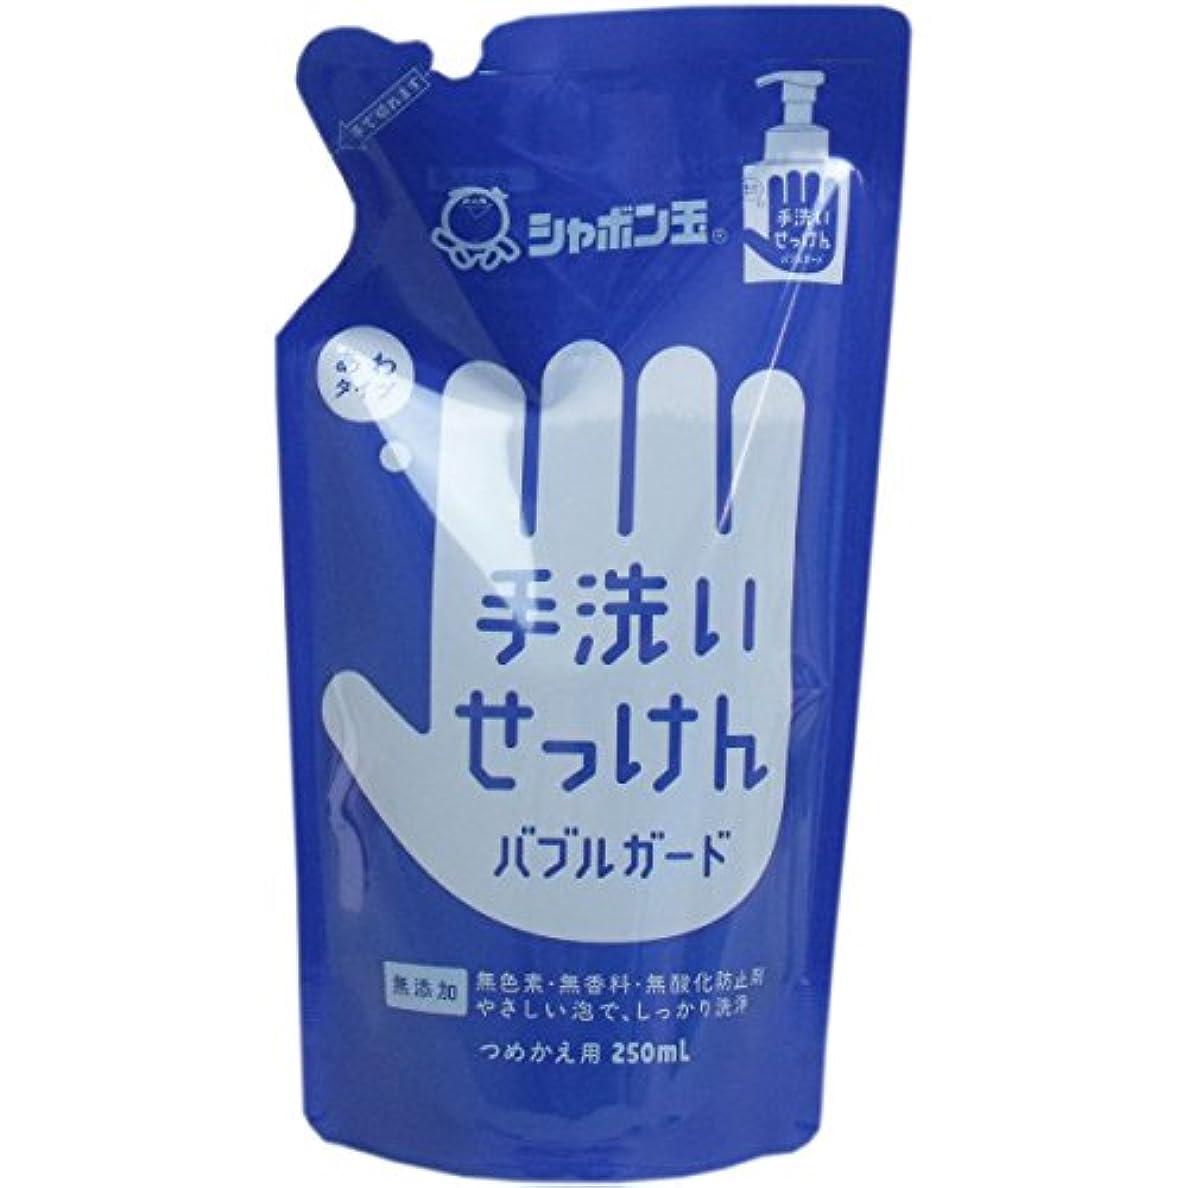 フィヨルド差別的以降シャボン玉石けん 手洗いせっけん バブルガード 詰め替え用 250ml 【12個セット】